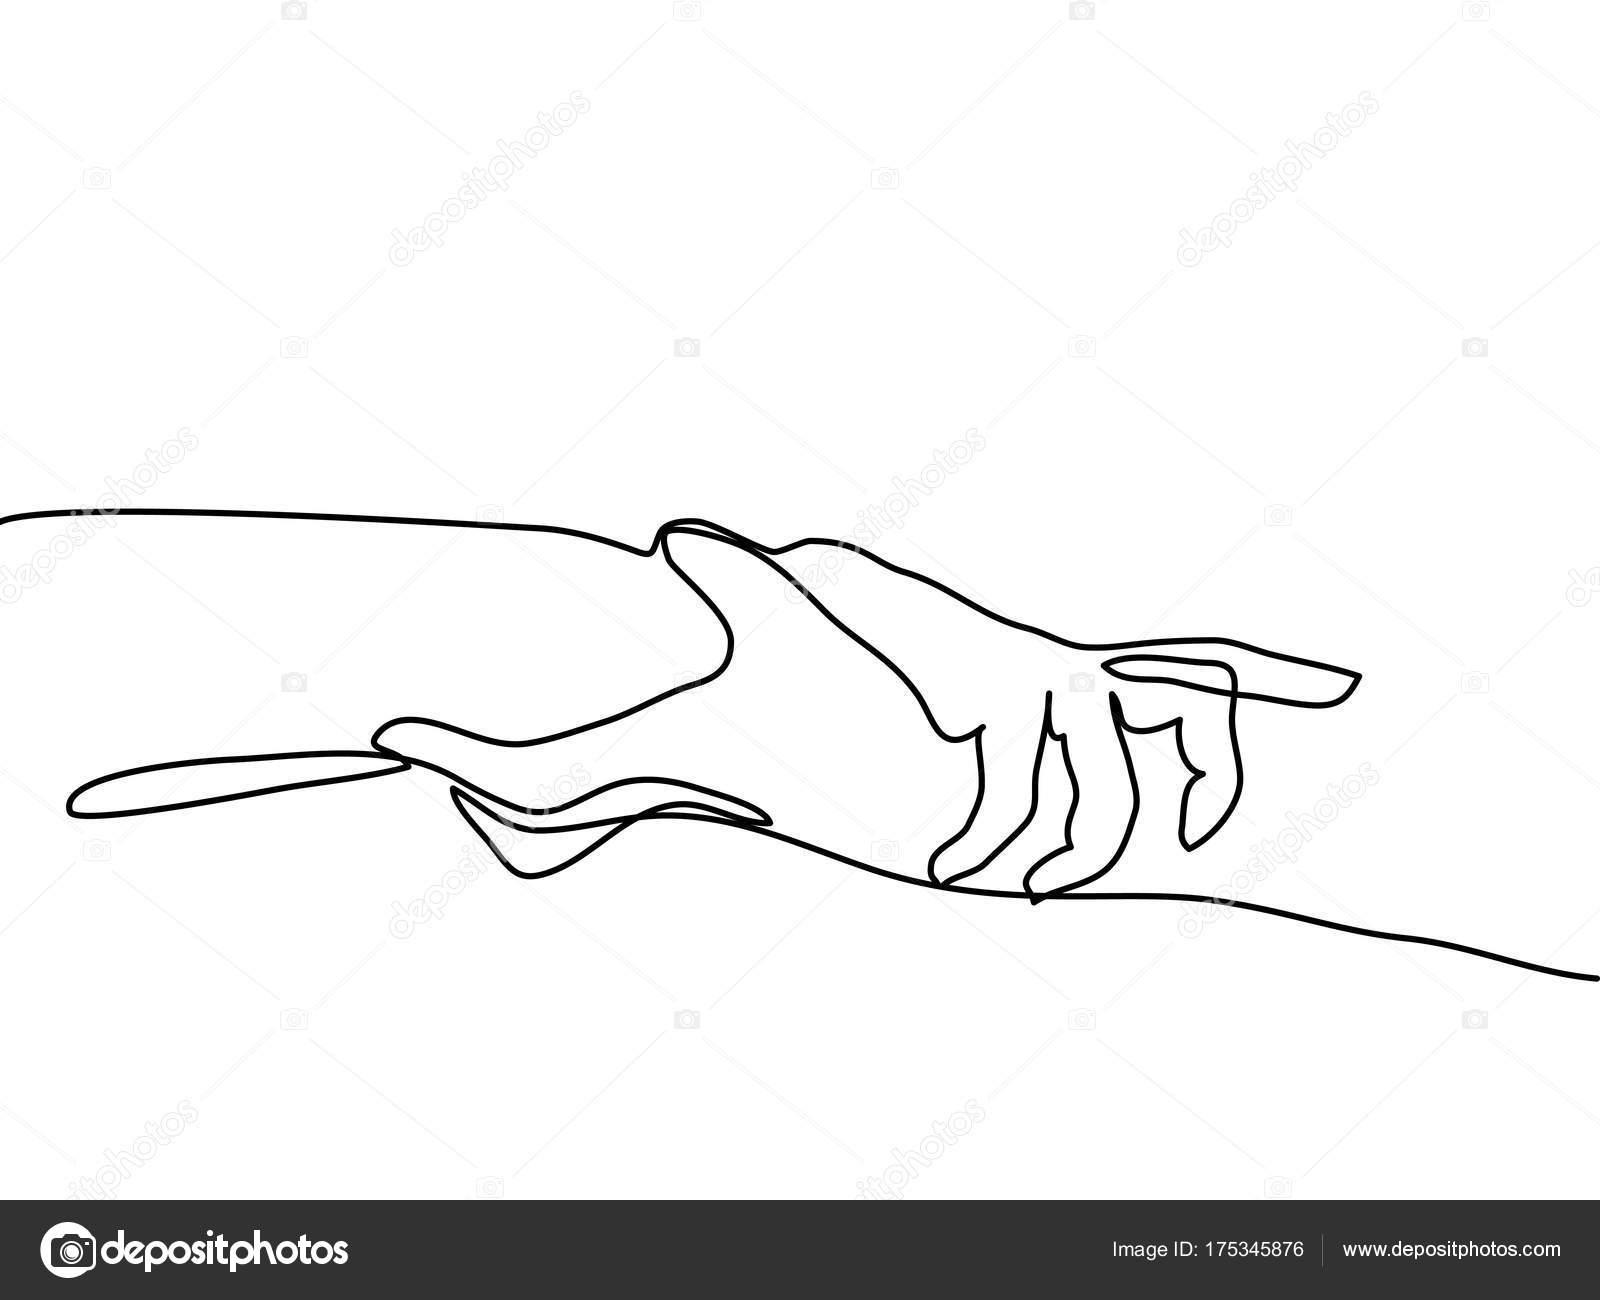 Dibujos Manos Agarradas Del Meñique Dibujo De Línea